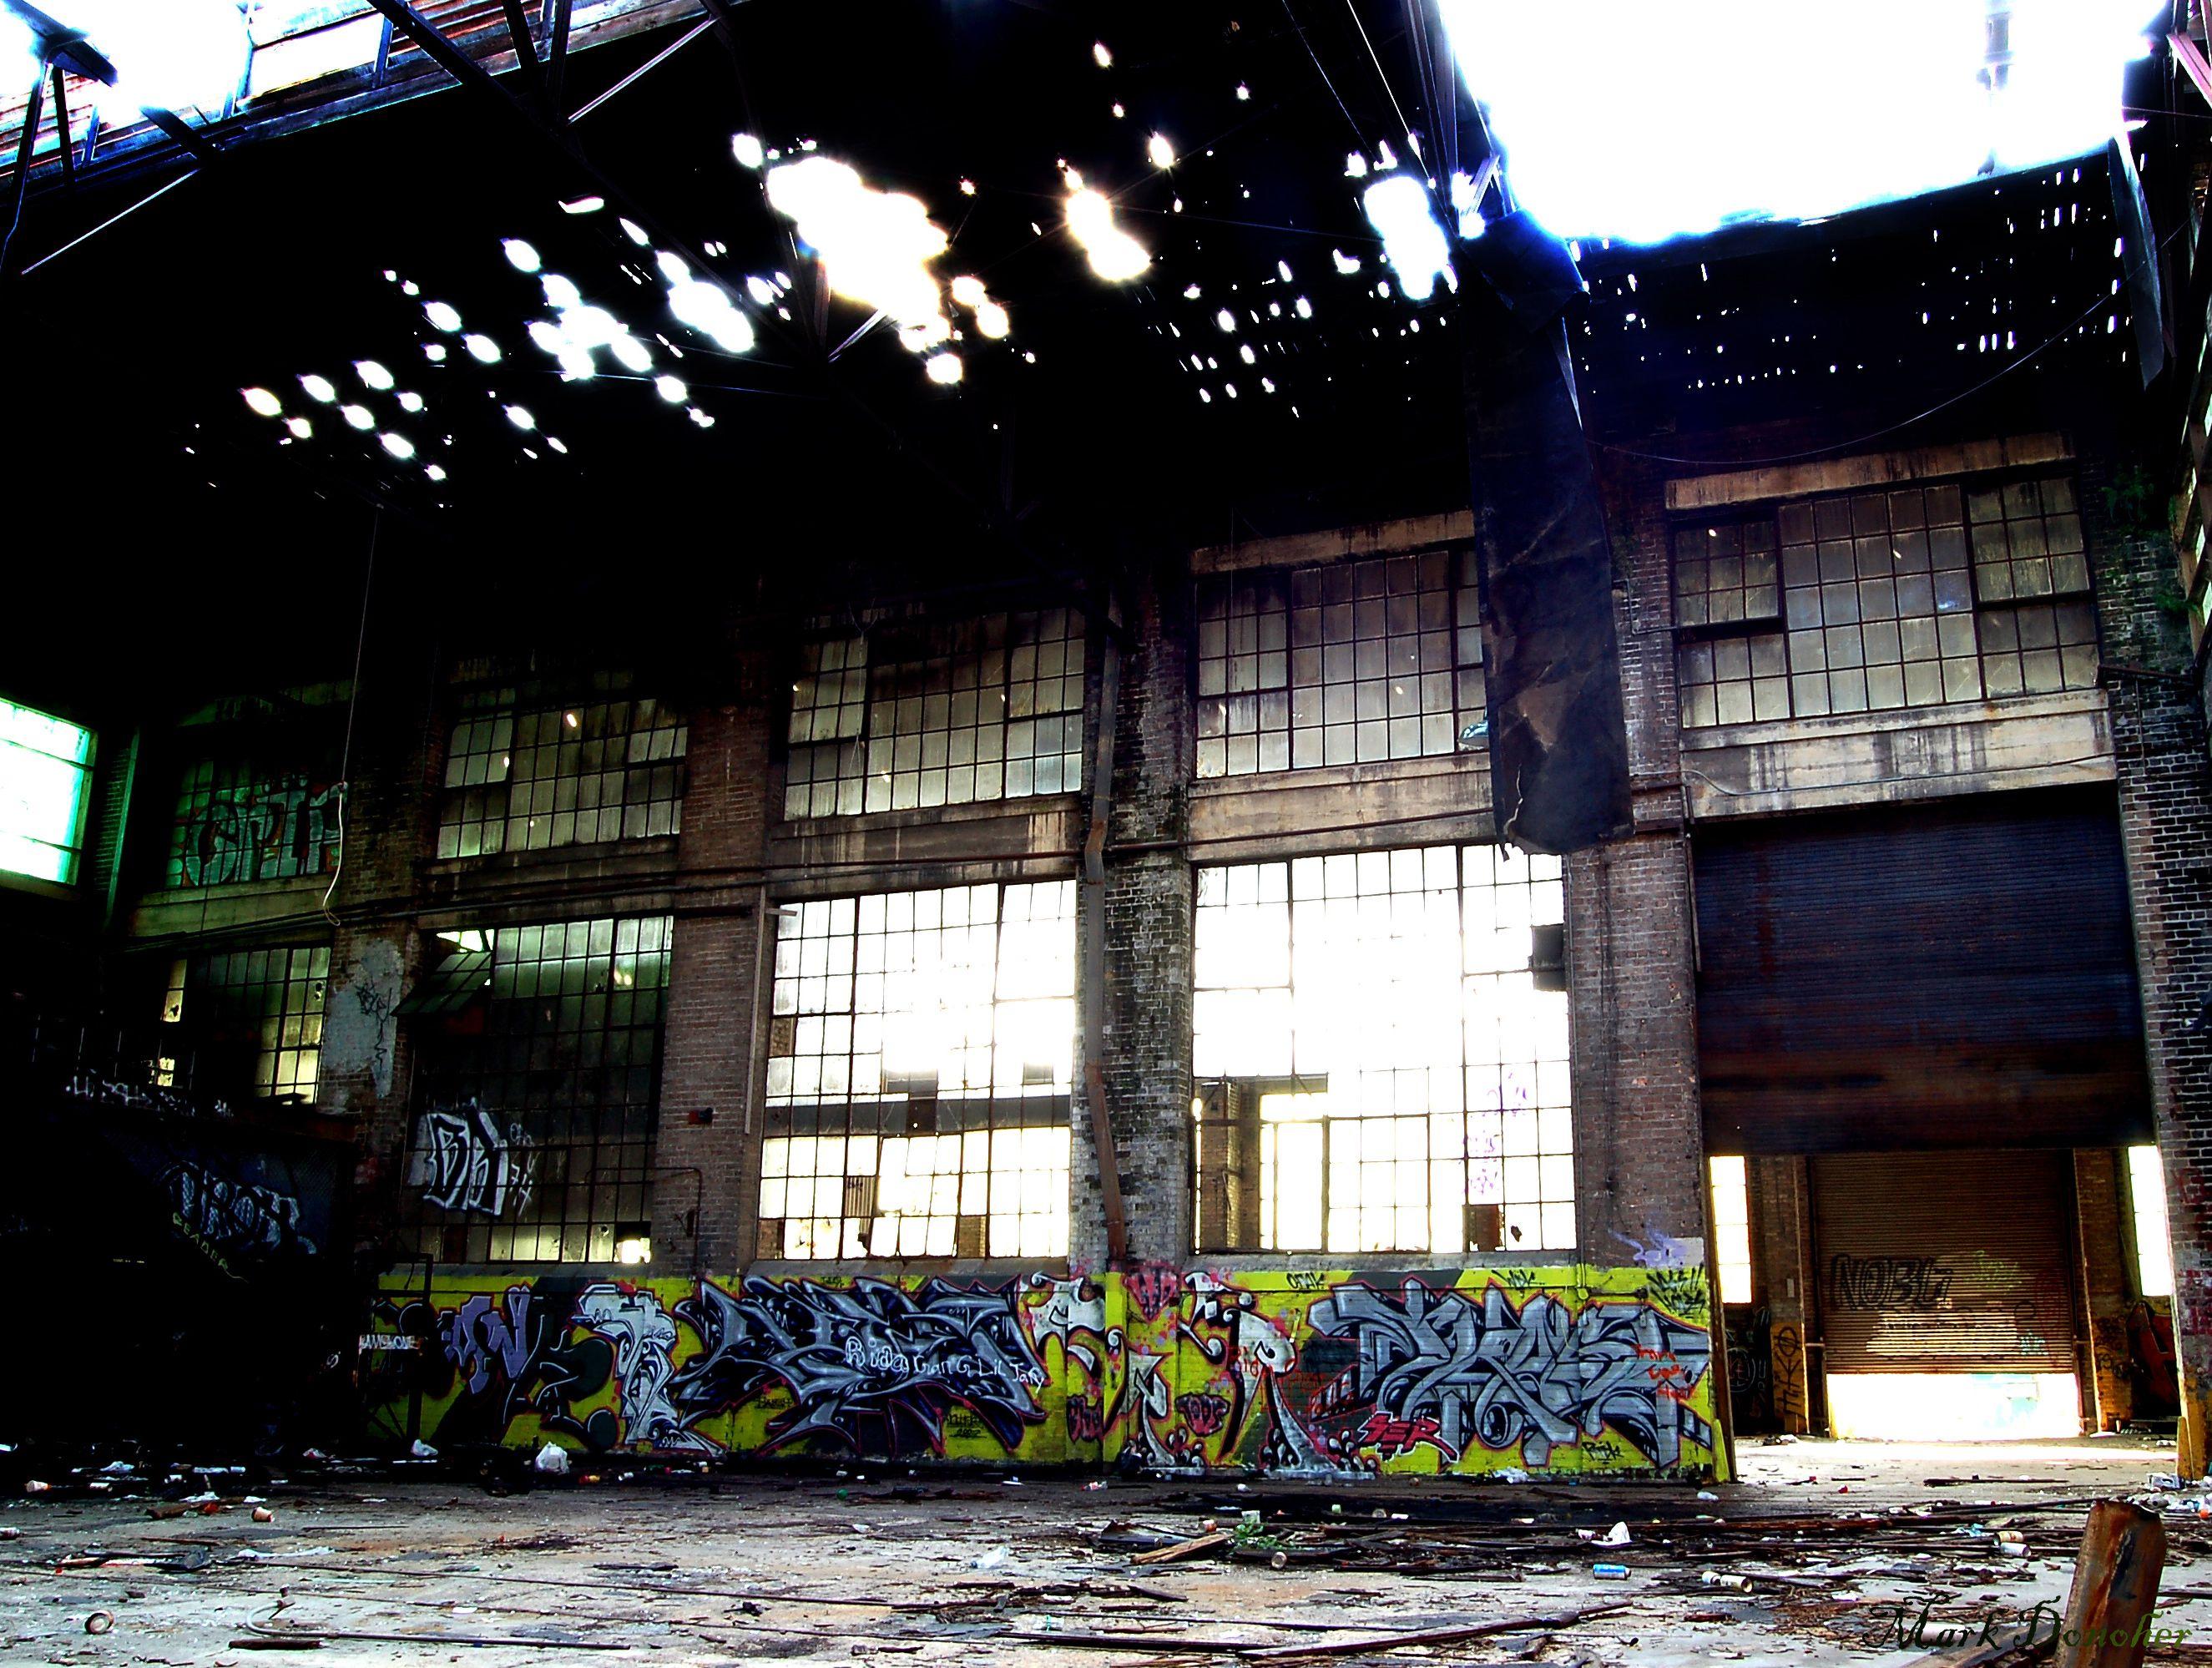 Ruined Warehouse | Par Mark Donoher www.flickr.com/photos/donohermark